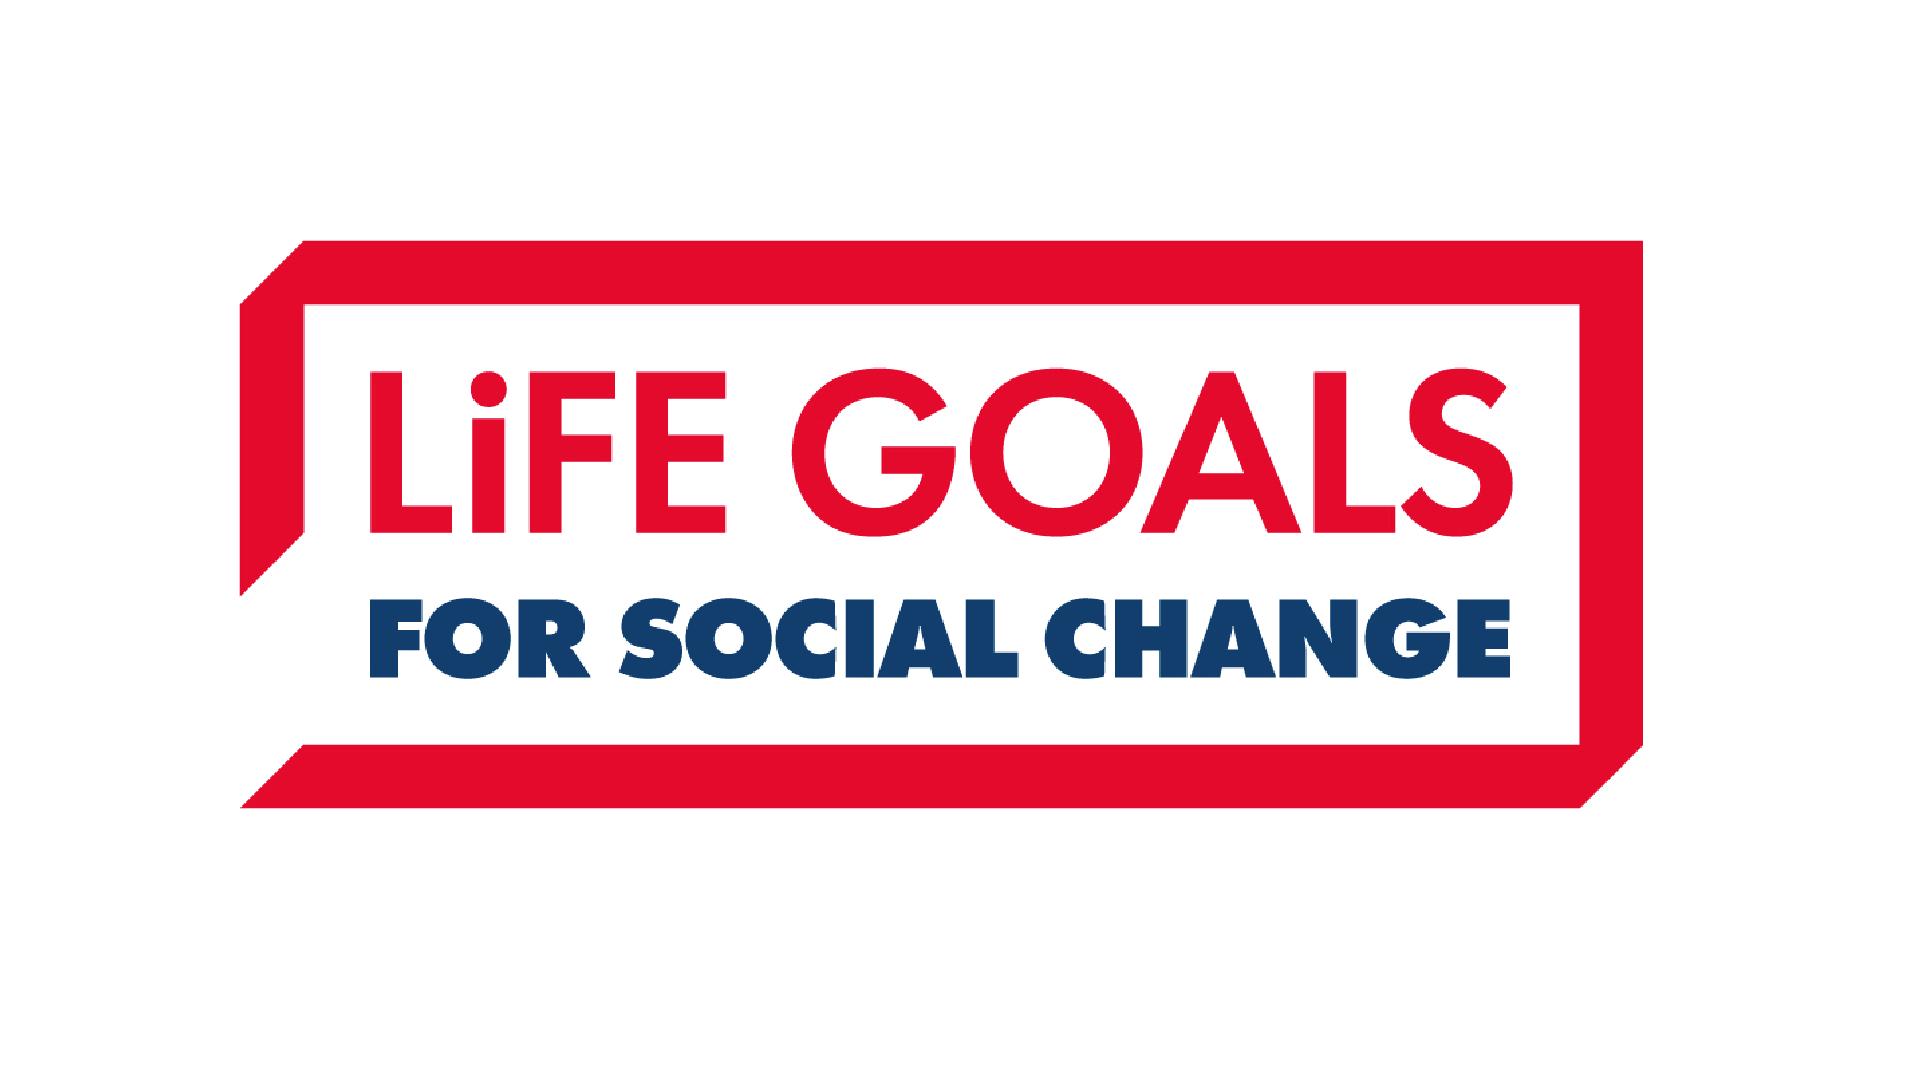 Life Goals for Social Change